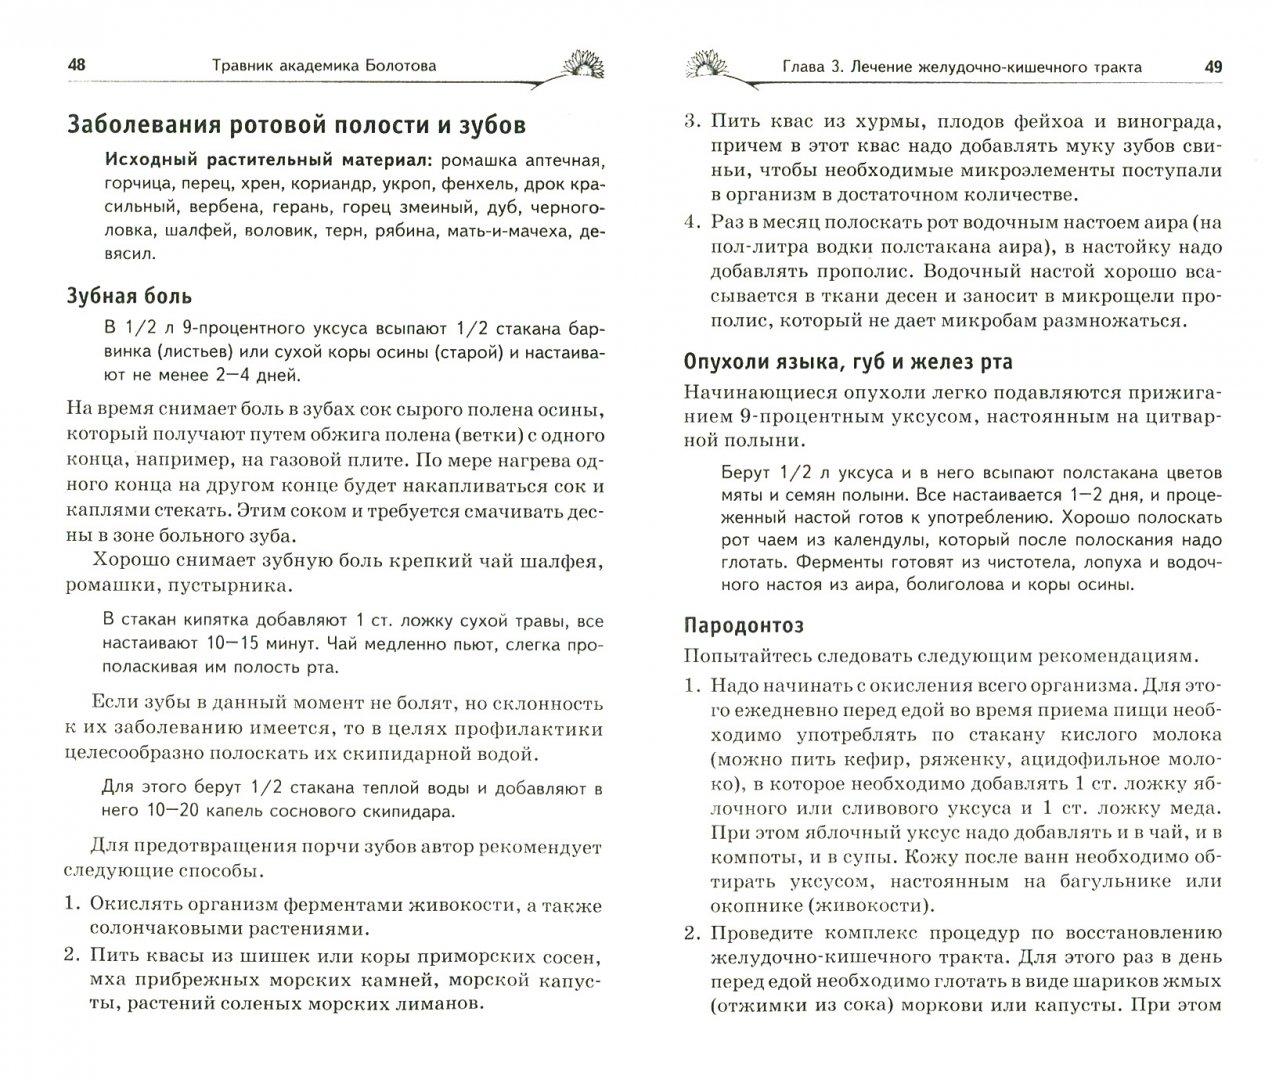 Иллюстрация 1 из 20 для Травник академика Болотова - Борис Болотов | Лабиринт - книги. Источник: Лабиринт